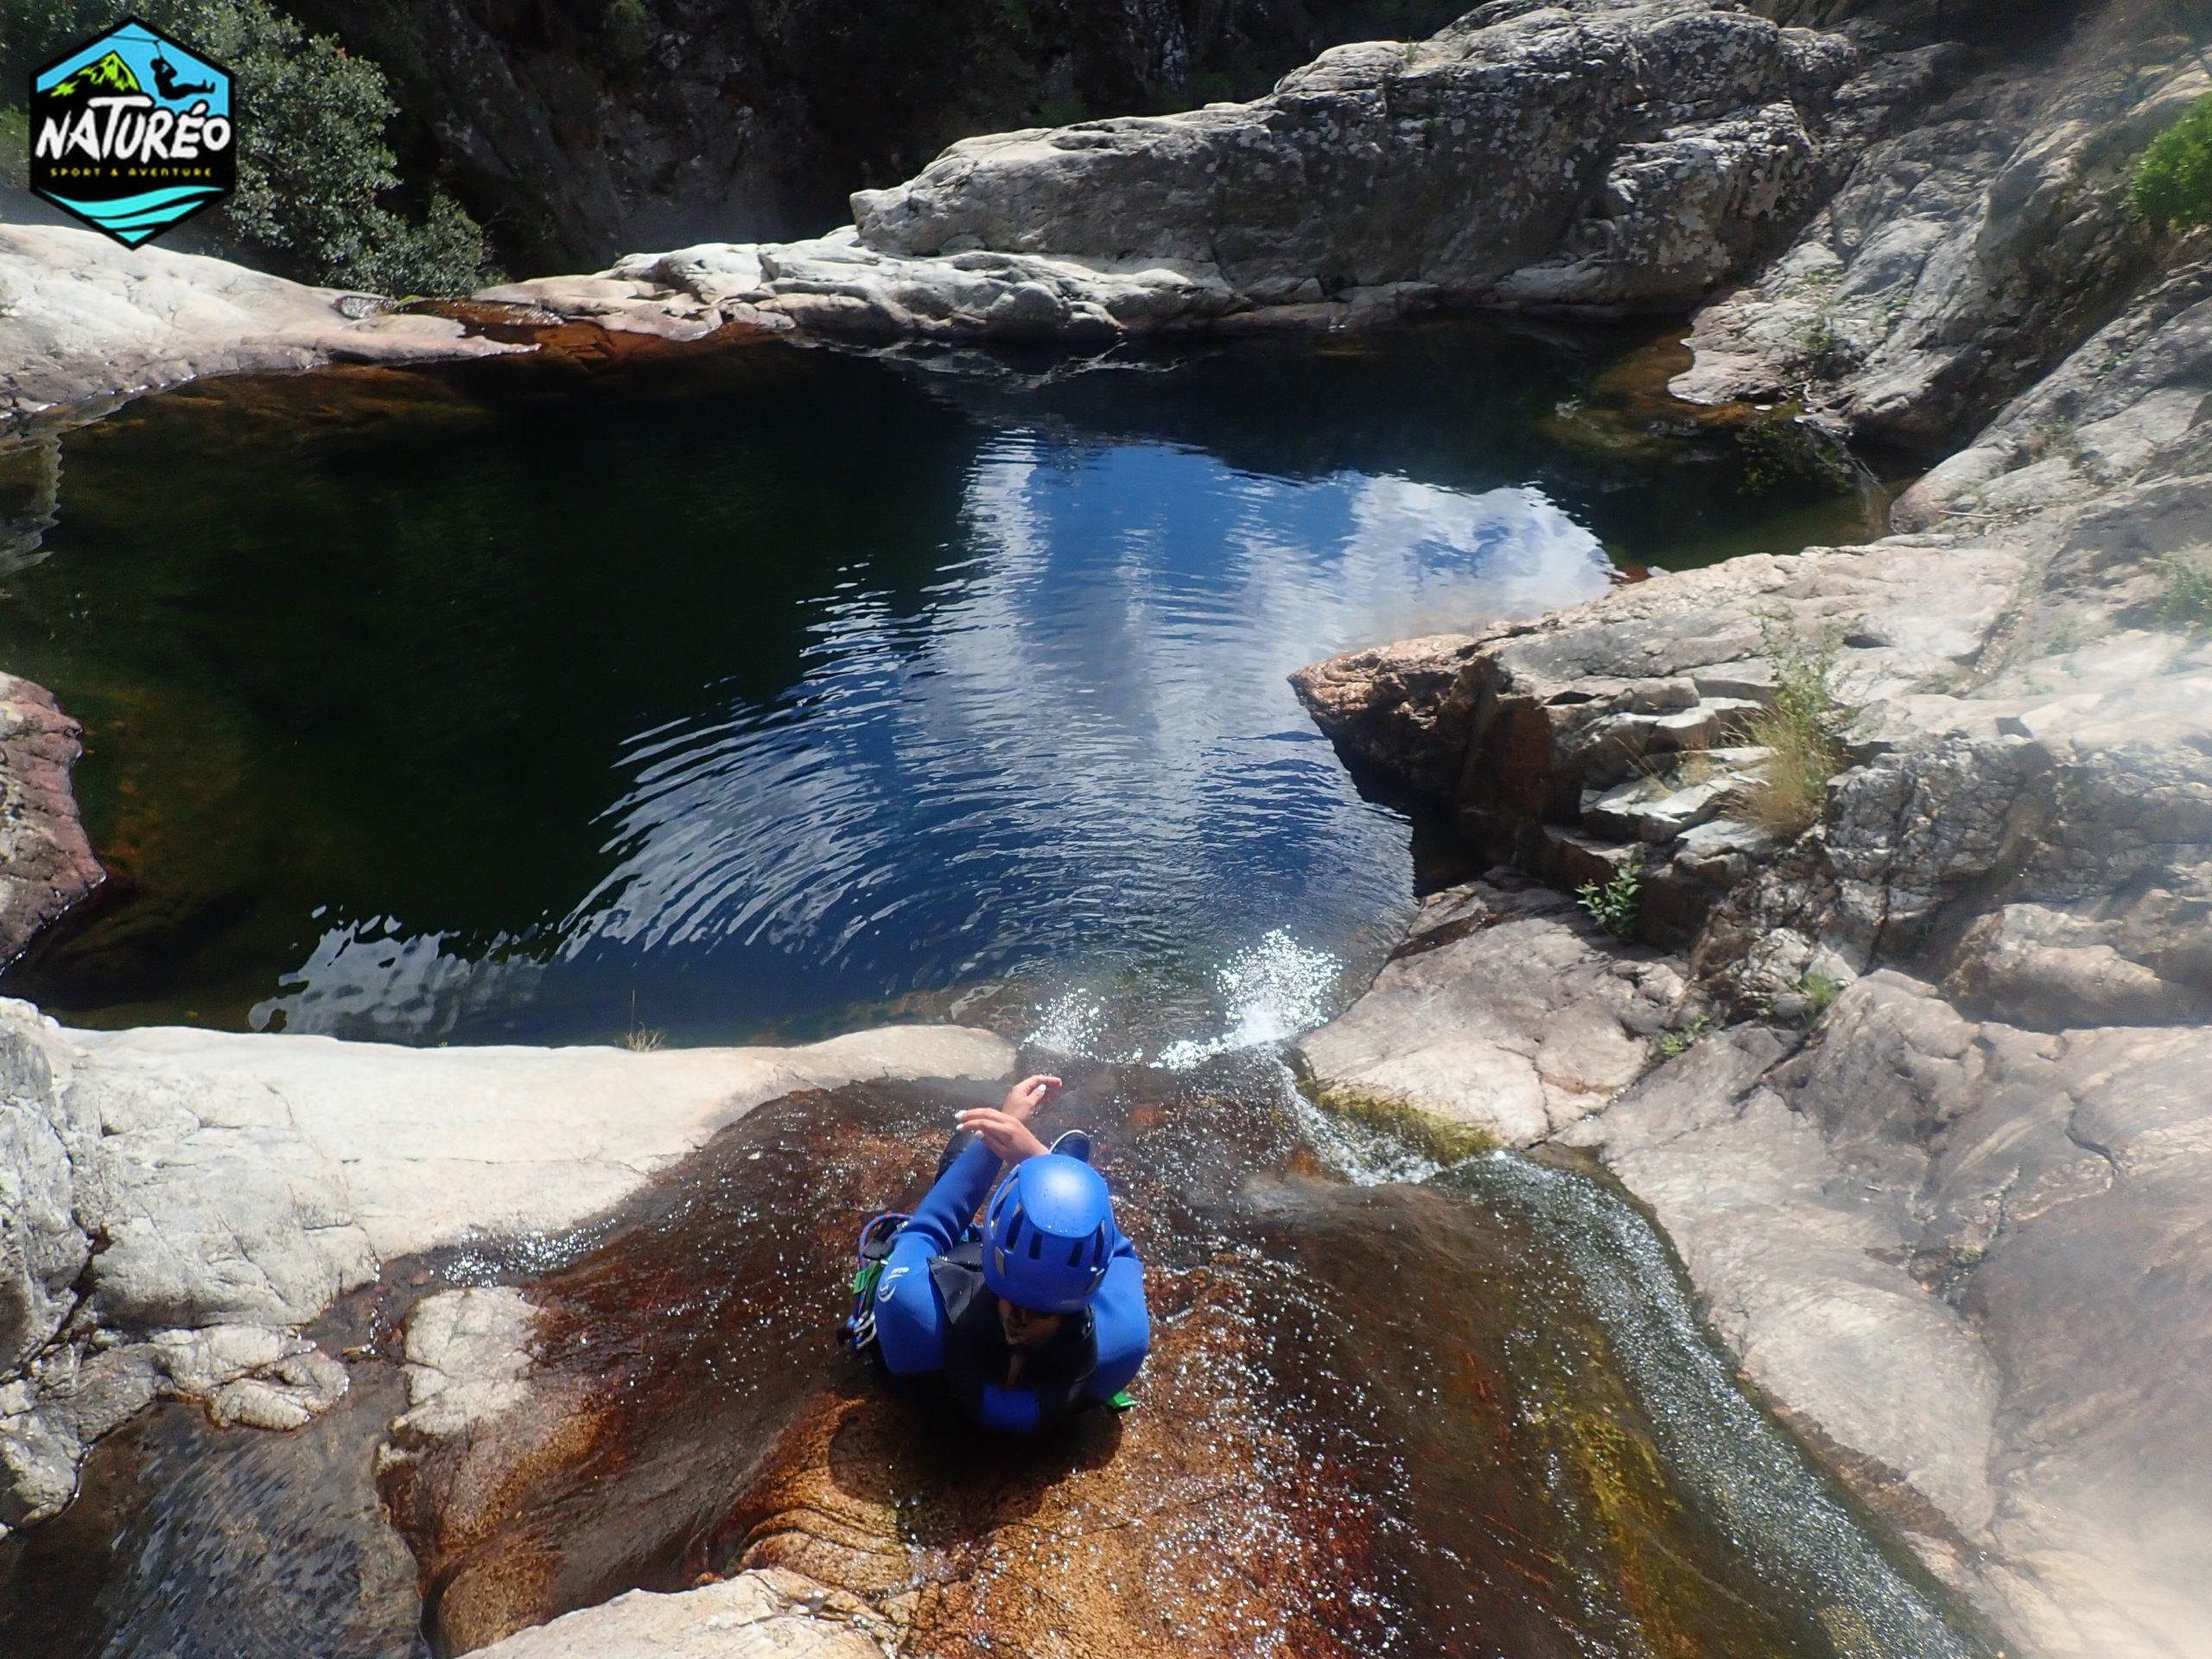 Canyoning Béziers, les meilleurs parcours de canyoning dans le massif du Caroux